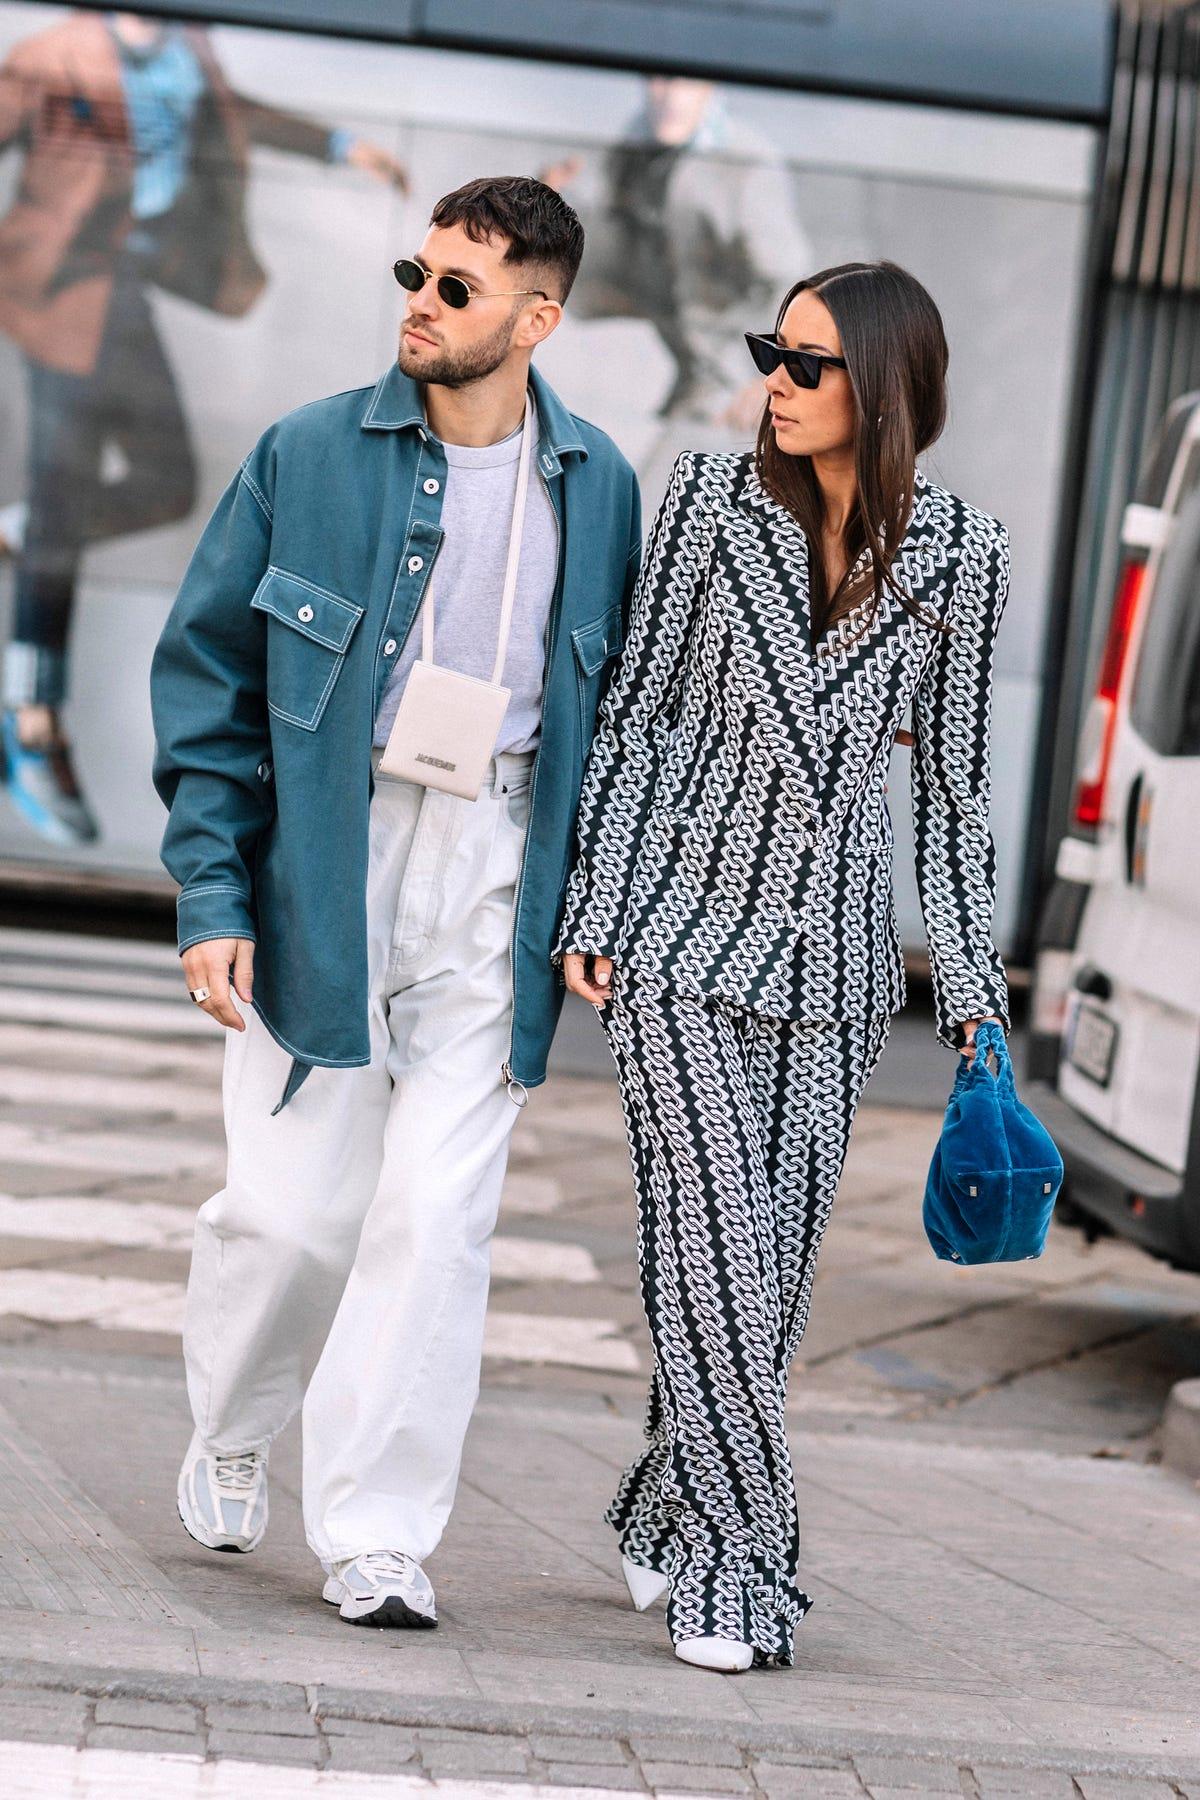 ae0c1d8de92 Milan Fashion Week Winter 2019 Best Street Style